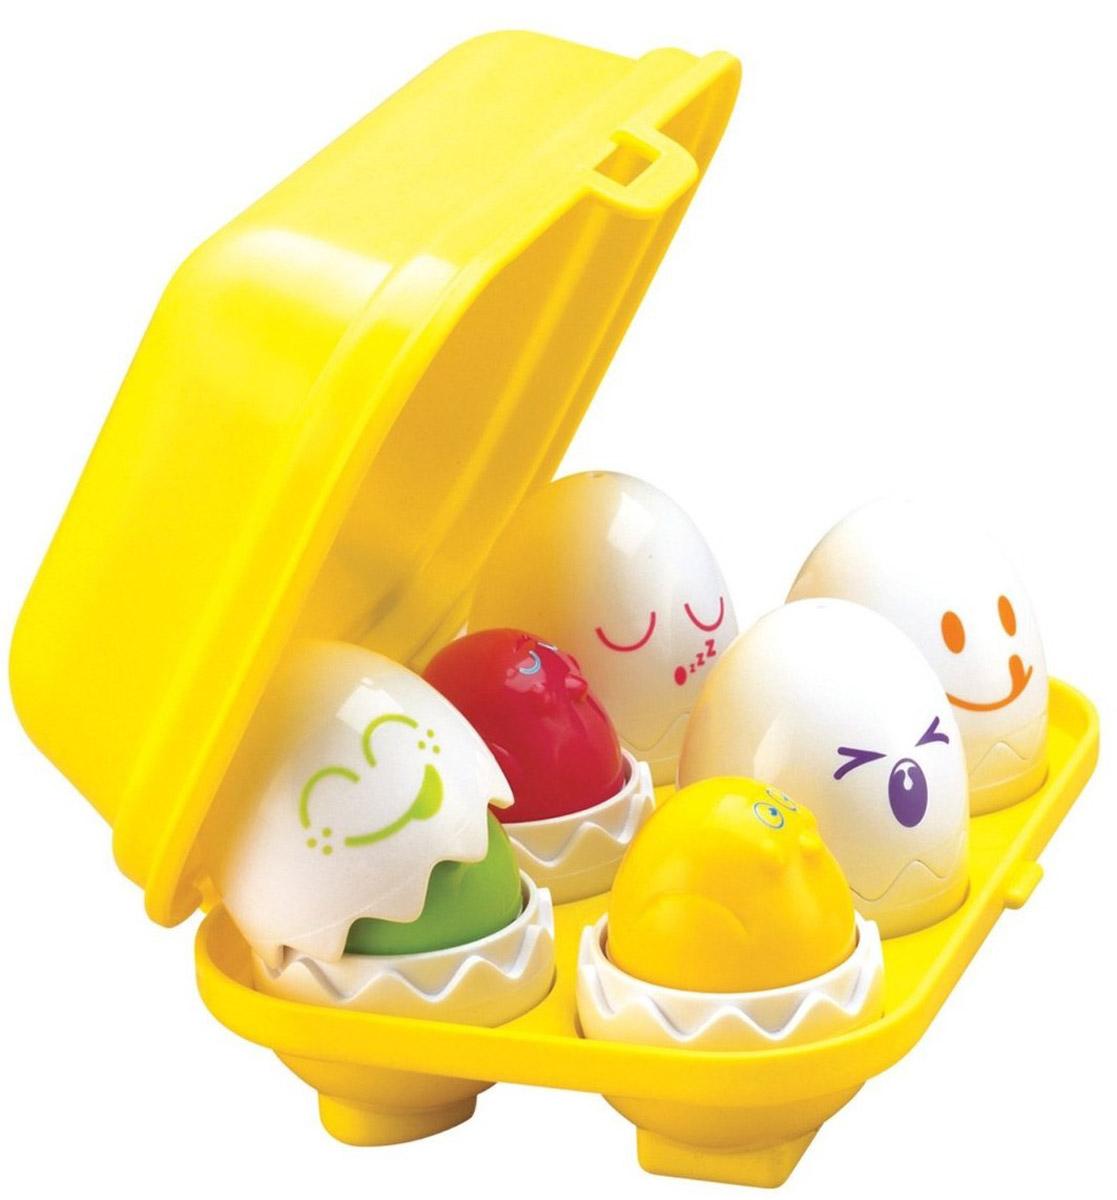 Tomy Развивающая игрушка-сортер Веселые яйца